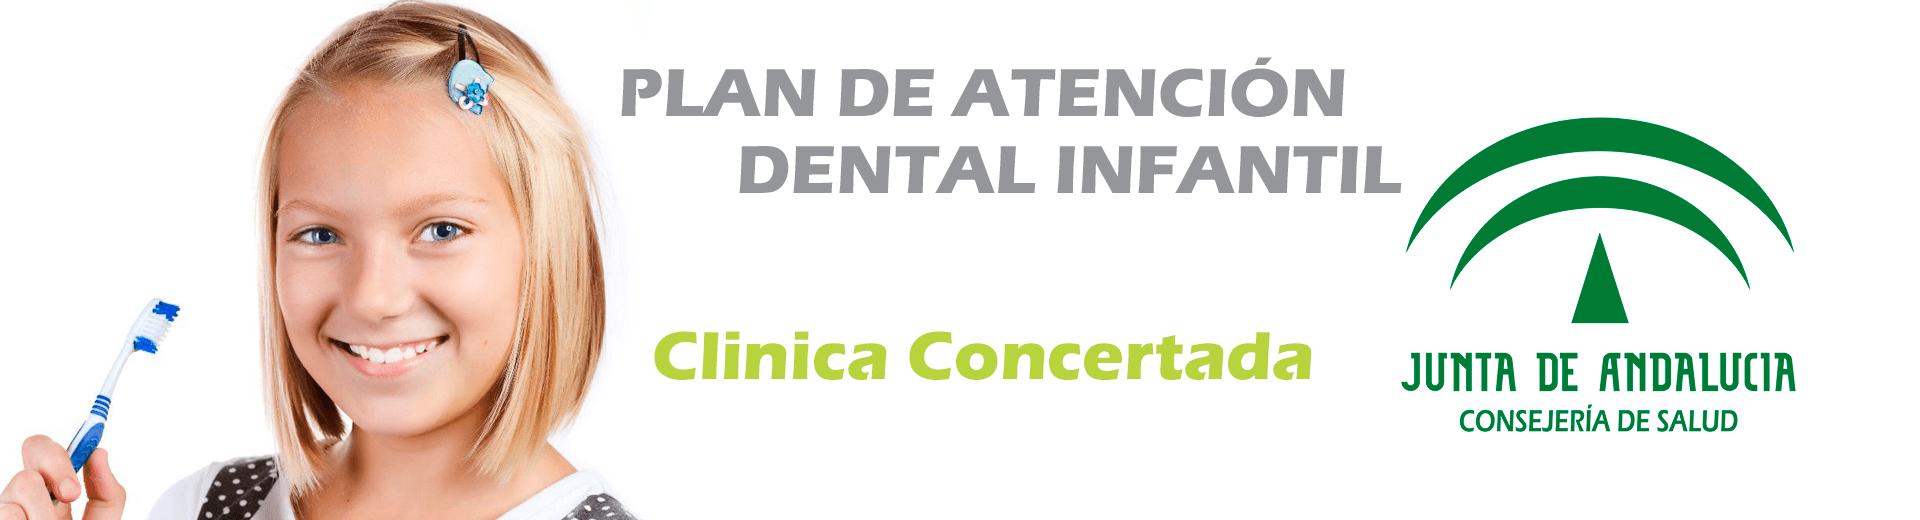 padi-cordoba-dentista-niños-gratis-clinica-peran